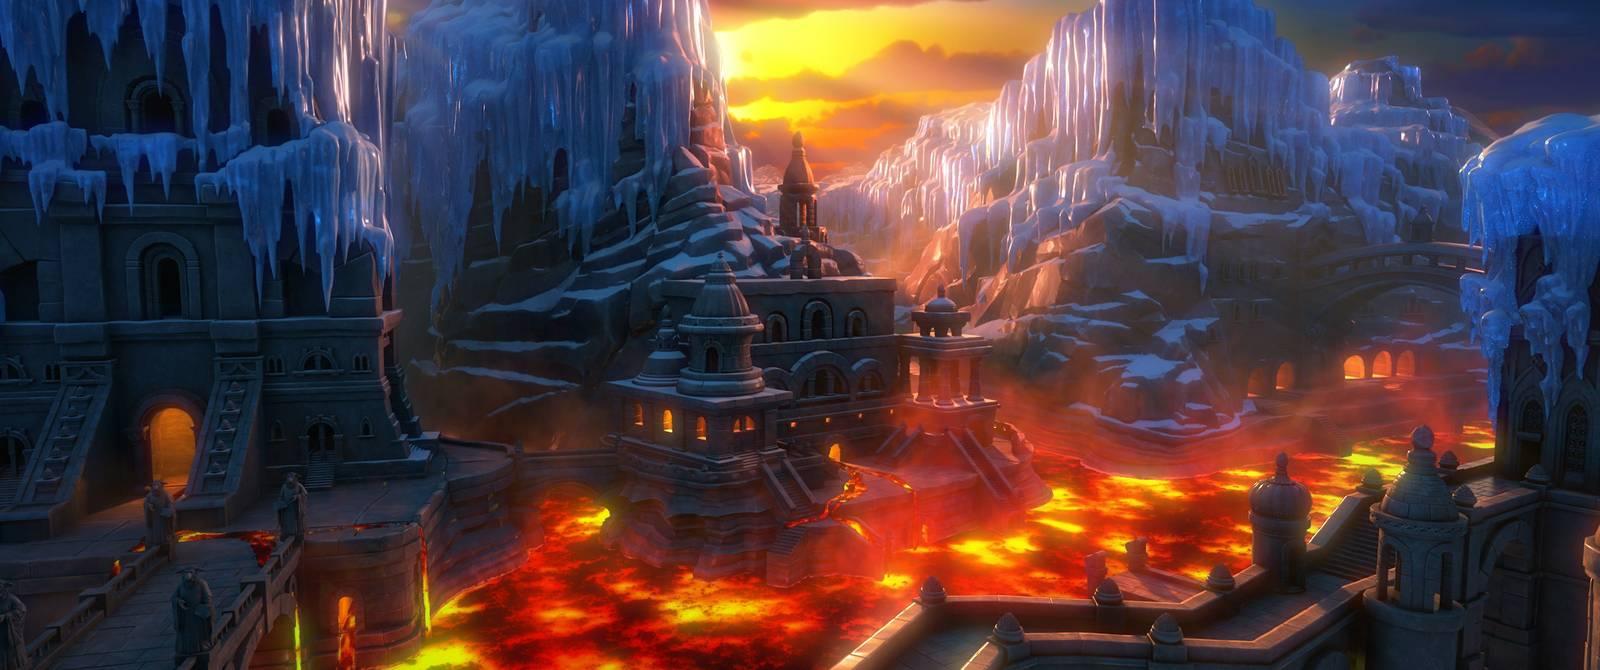 Film Snehová kráľovná 3: Tajomstvo ohňa a vody (2016)